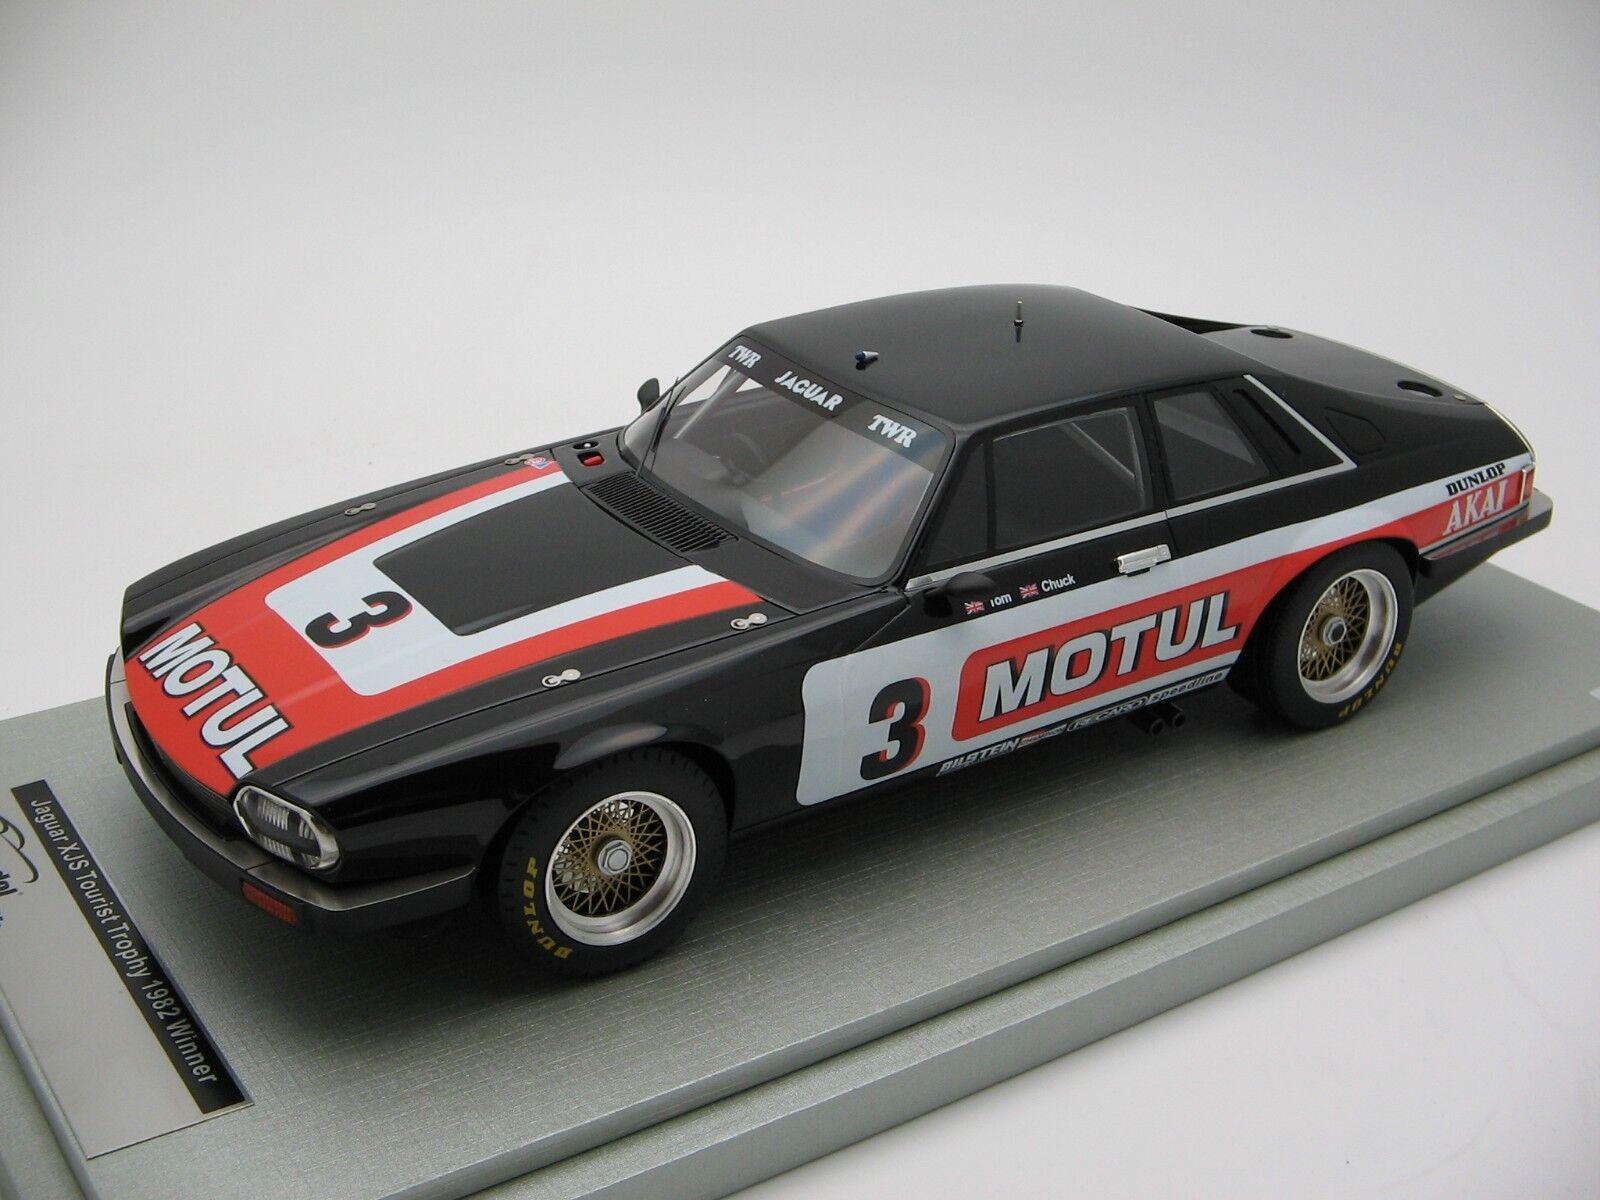 1 18 scale Tecnomodel Jaguar XJ-S Tourist Trophy 1982 - TM18-107A